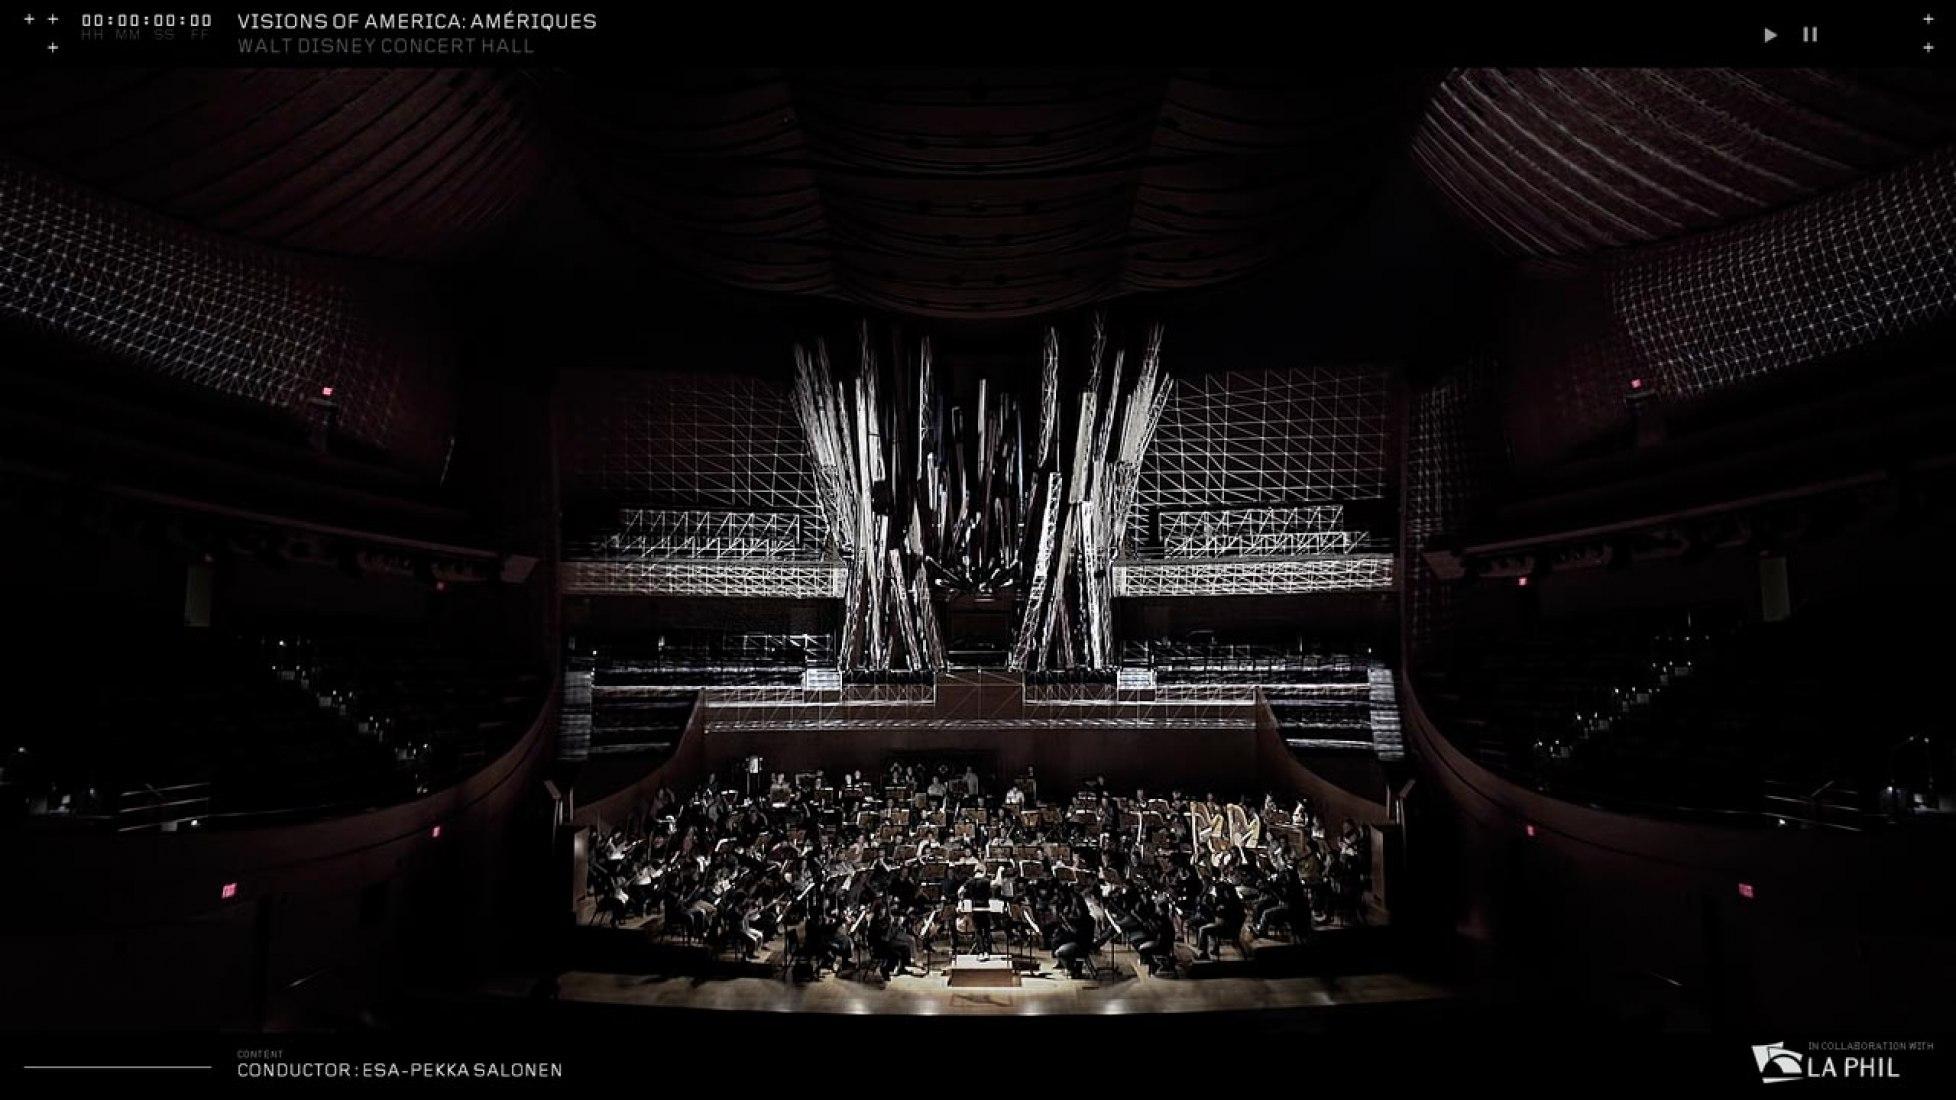 Visions of America: Amériques / LA Phil / Video Artist Cut. Image courtesy of Refik Anadol